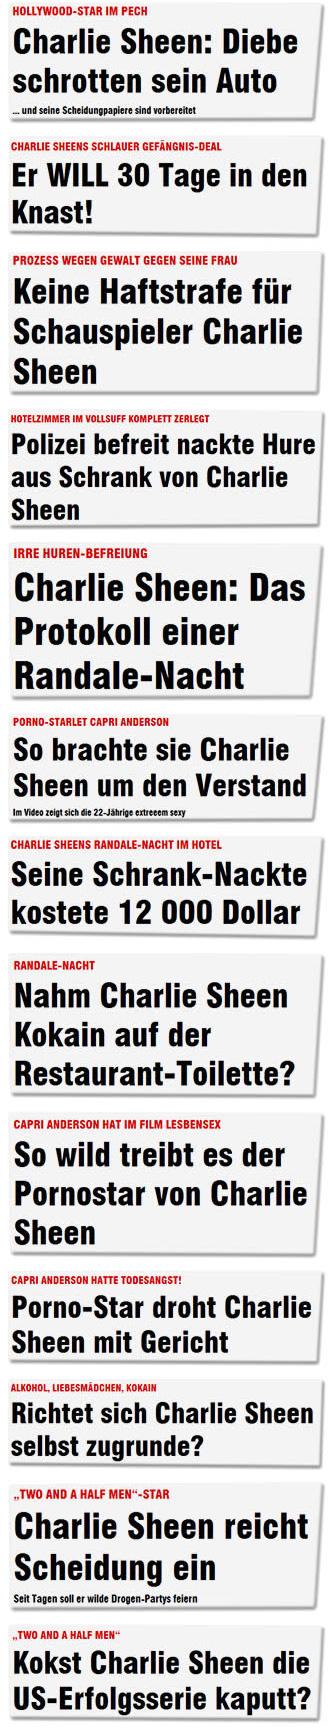 Charlie_Sheen_auf_Bild_de_02